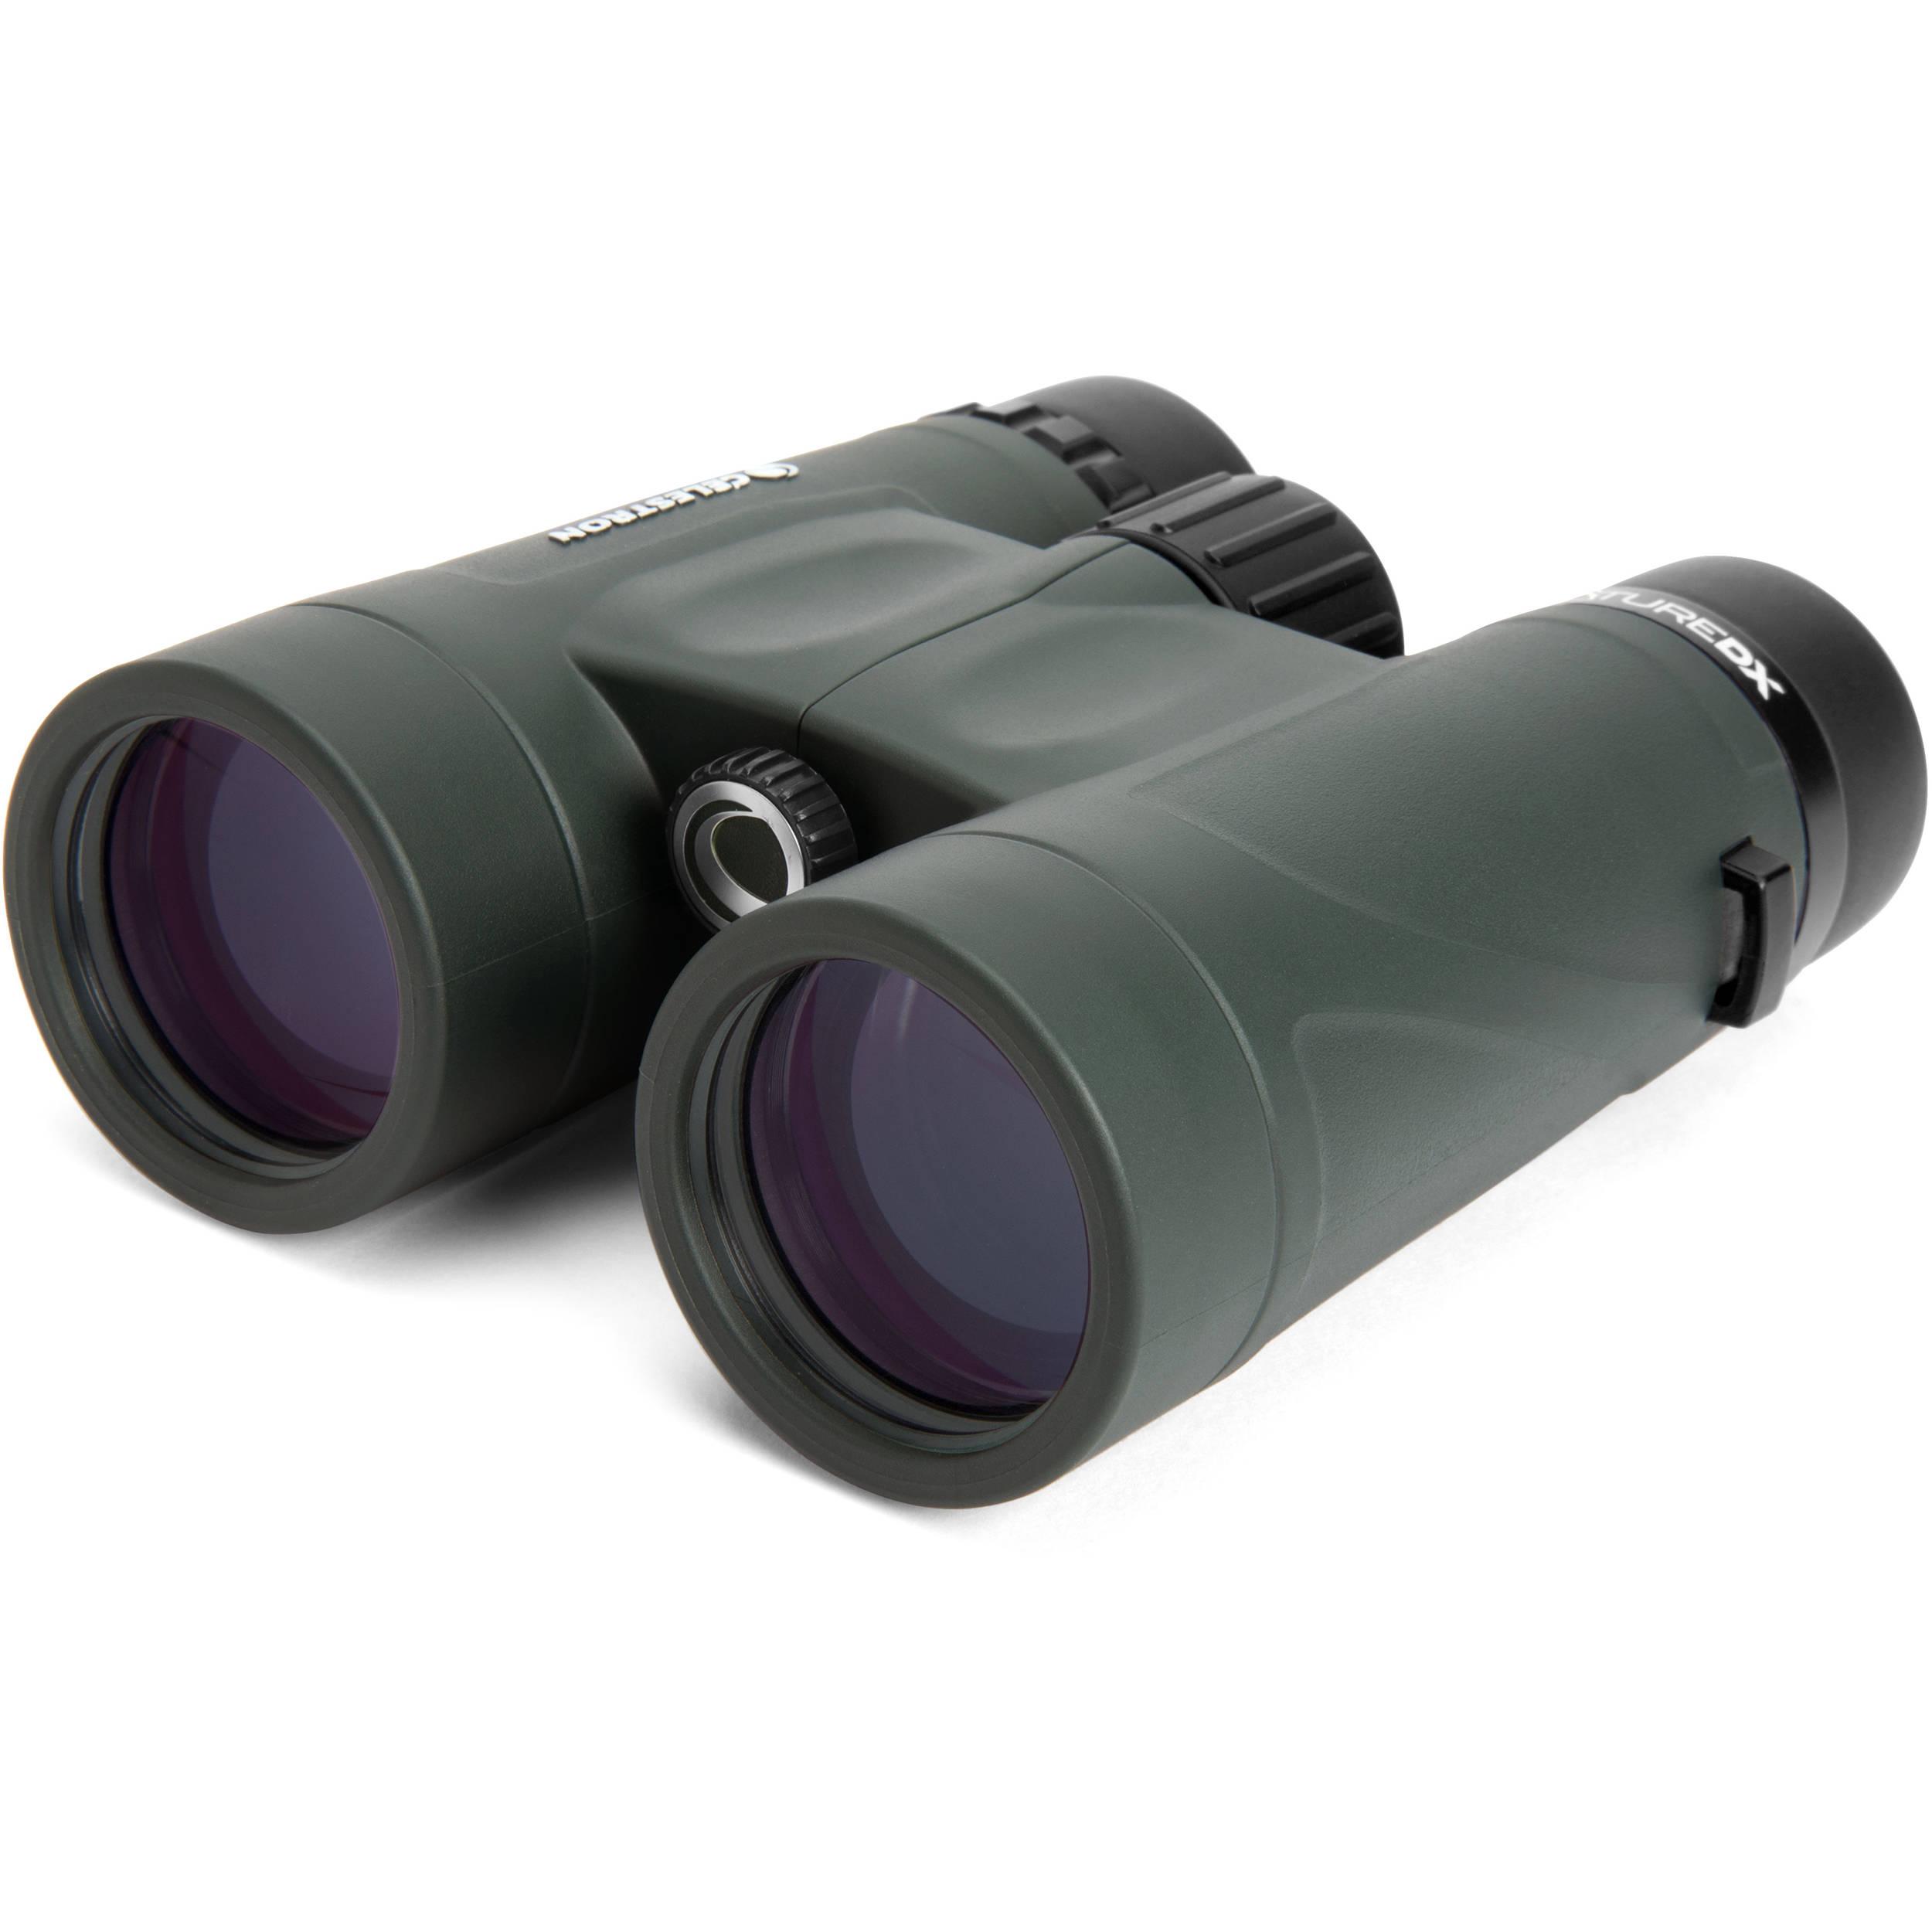 Celestron 10x42 Nature DX Binocular